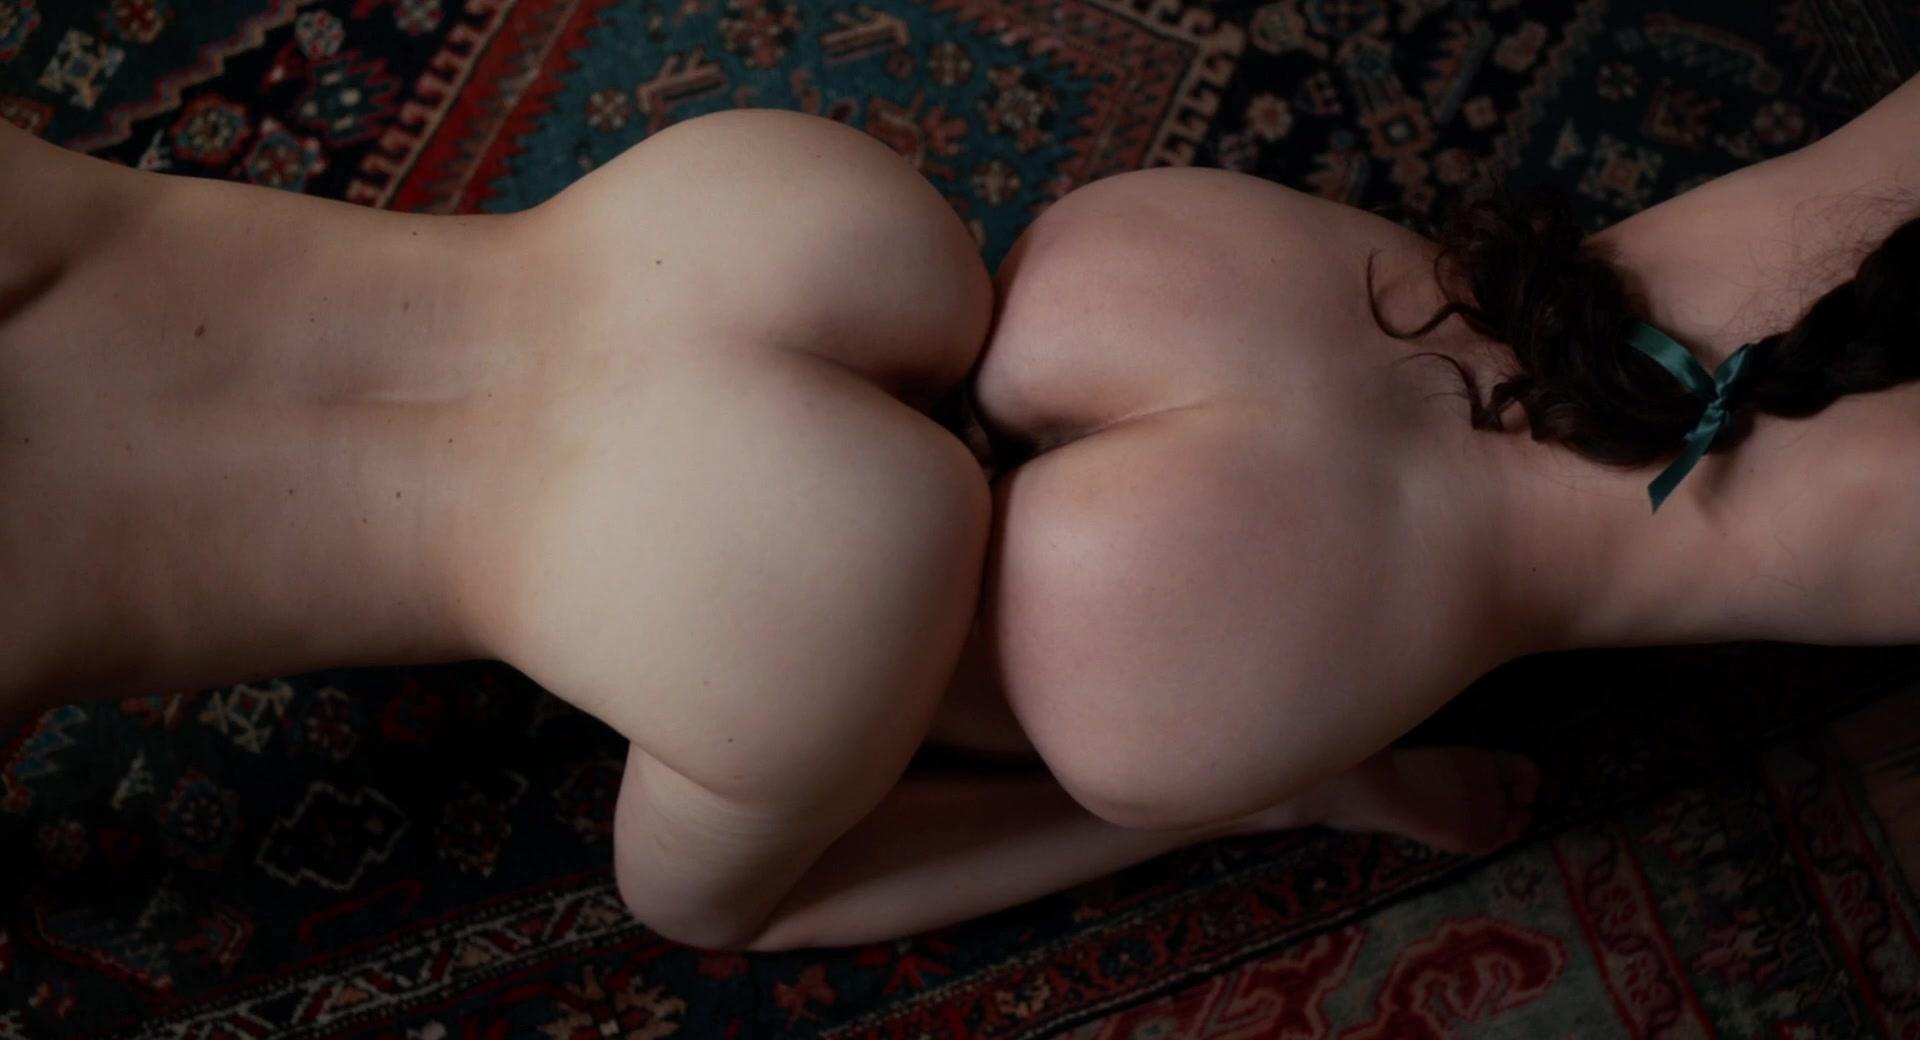 Film Celeb Porn nude video celebs » 2019